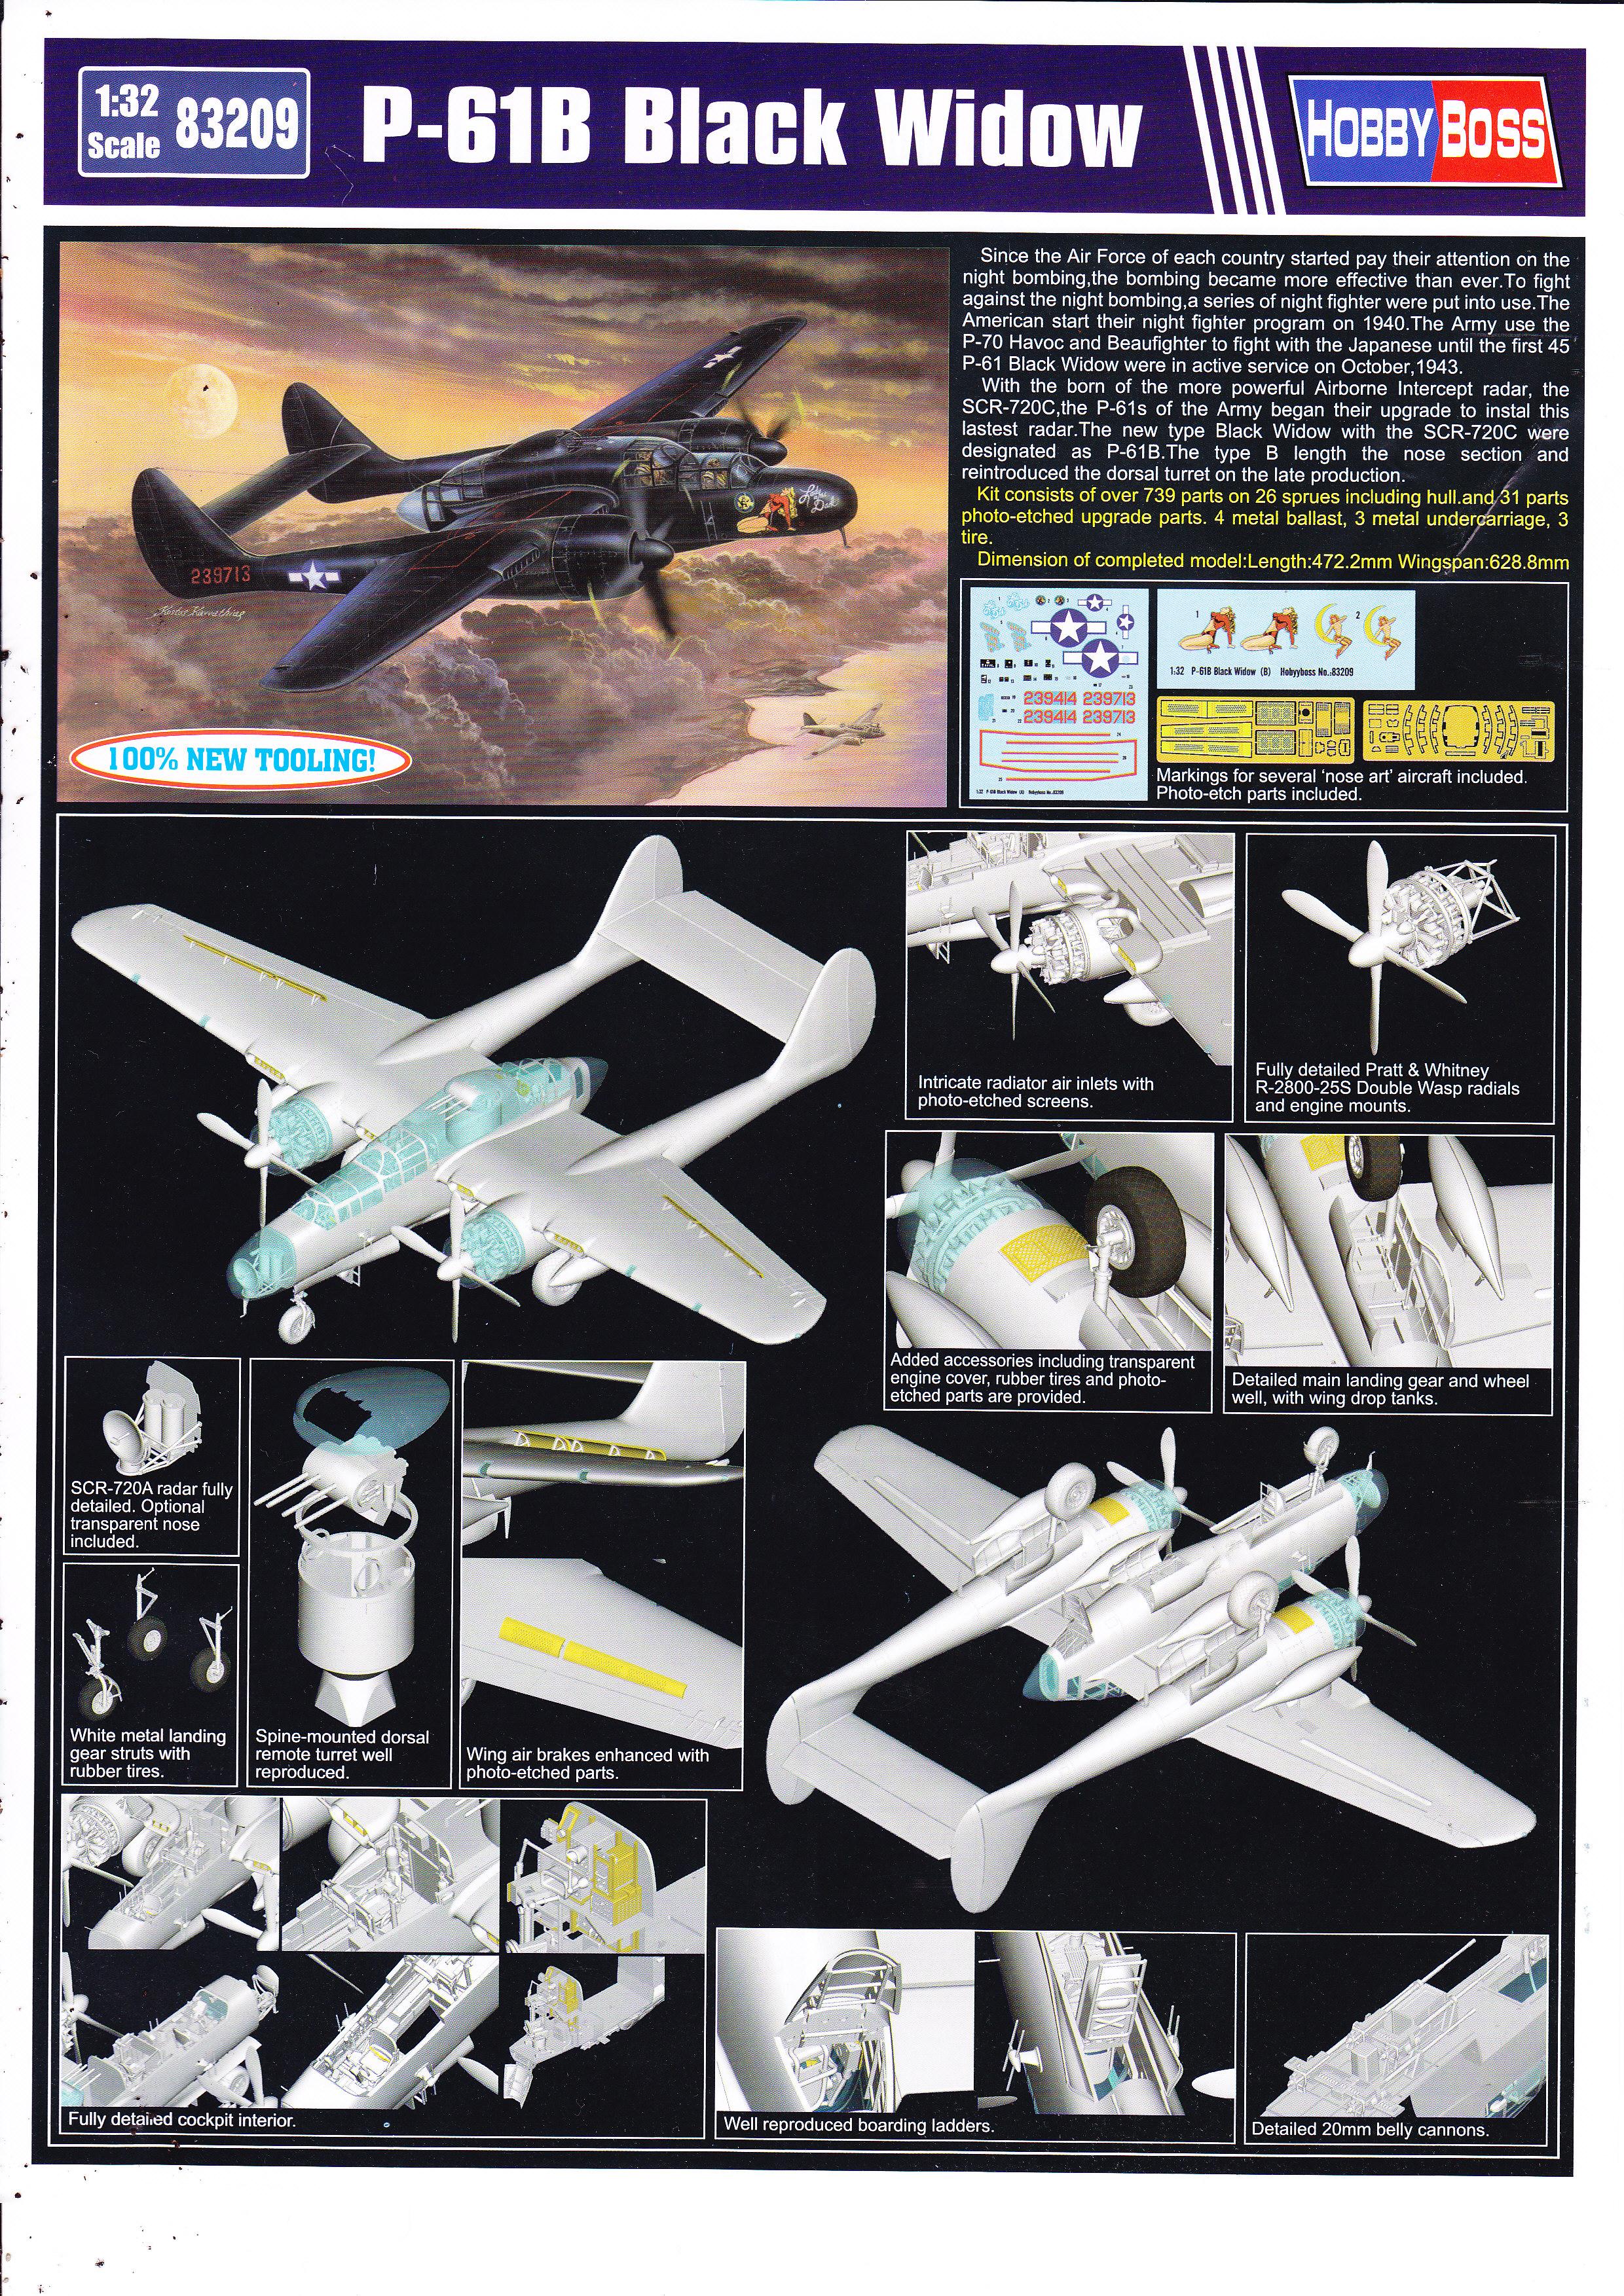 P-61 B Black Widow Hobby Boss Img0001wo